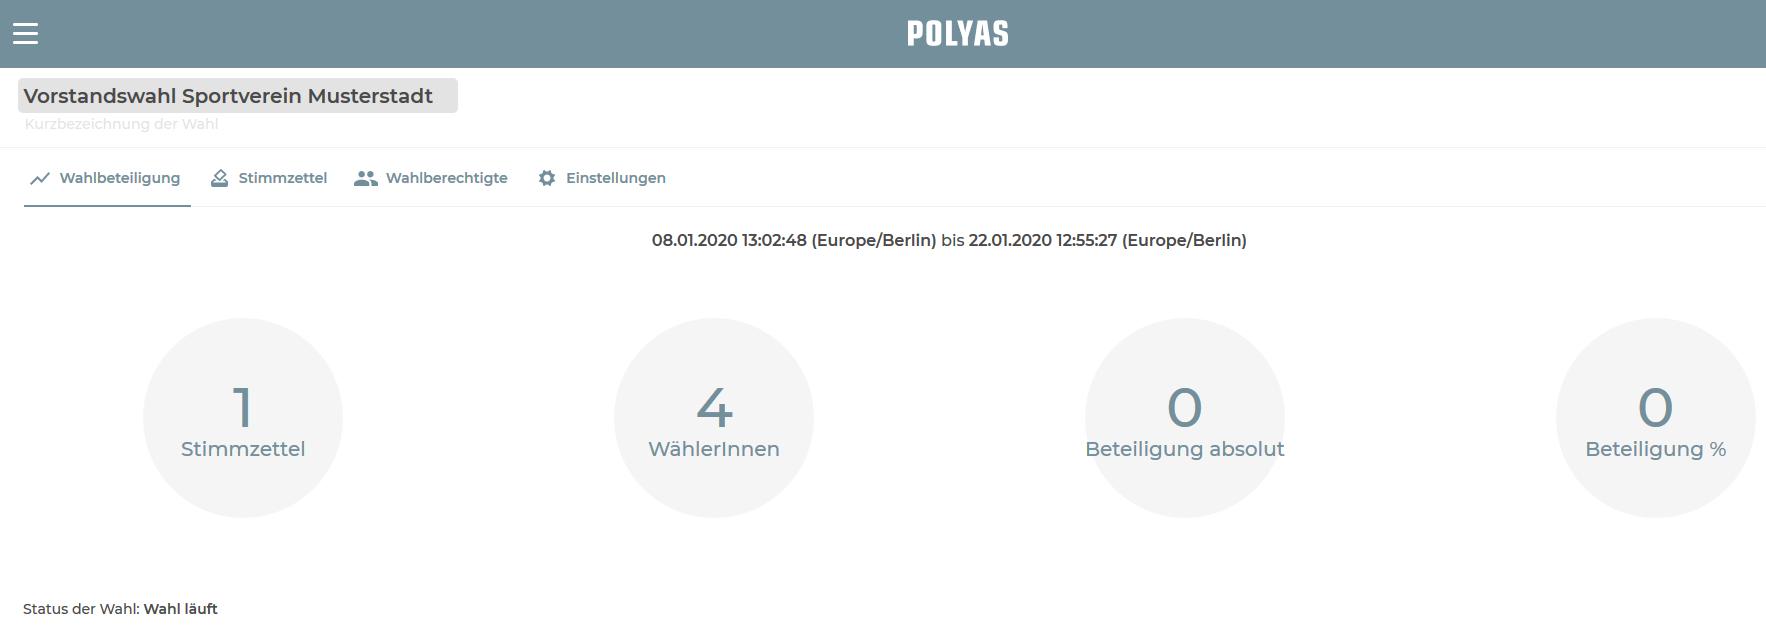 Sehen Sie die aktuelle Wahlbeteiligung im POLYAS Online-Wahlmanager ein